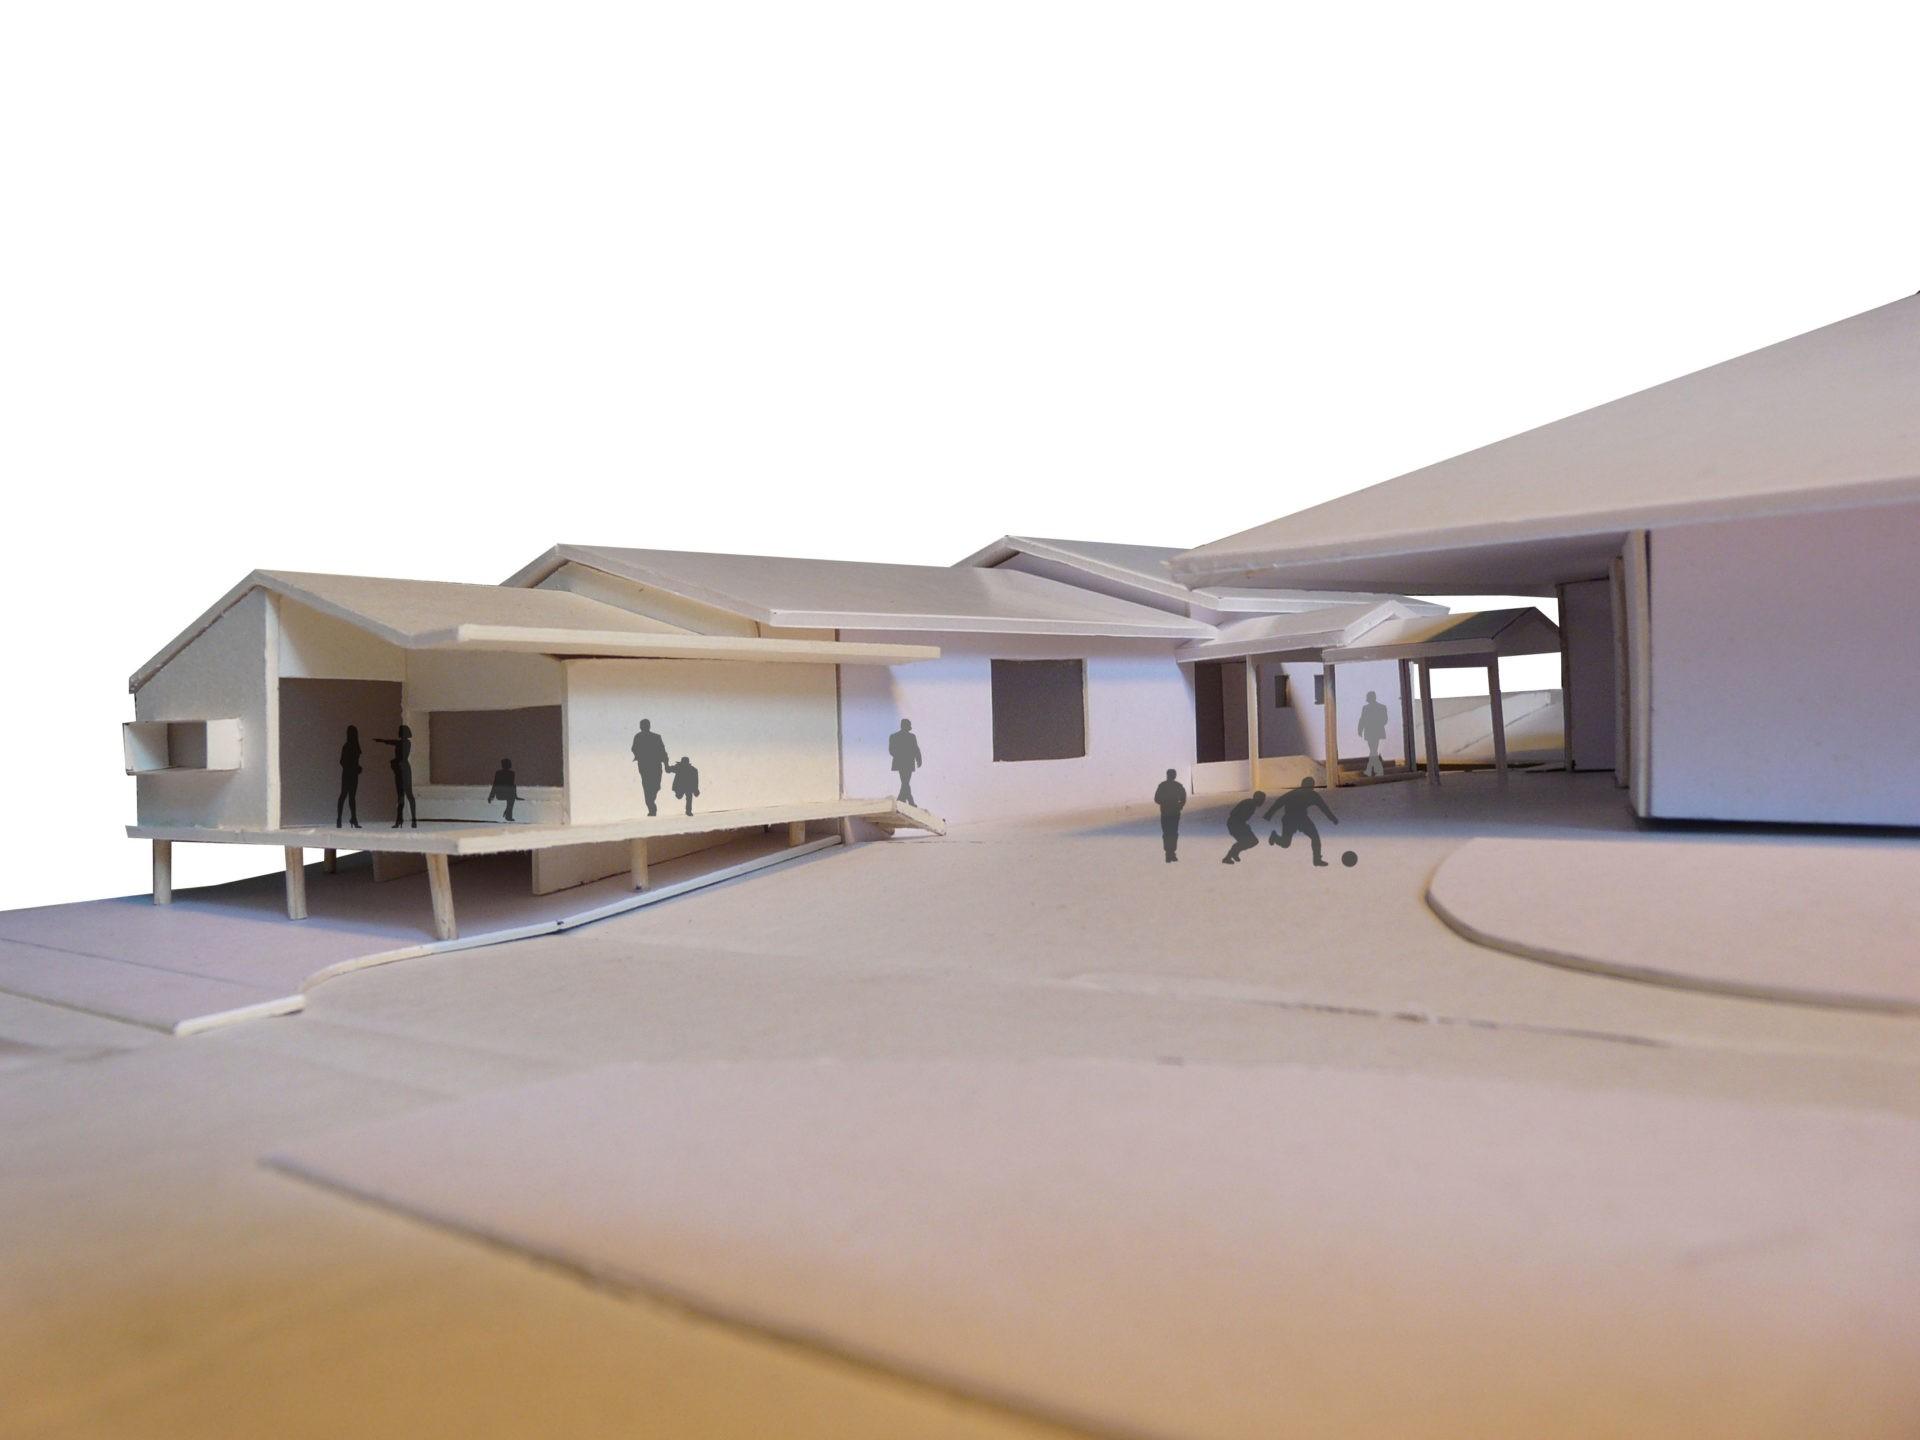 Extension du restaurant scolaire asb architecture - Extension prefabriquee ...